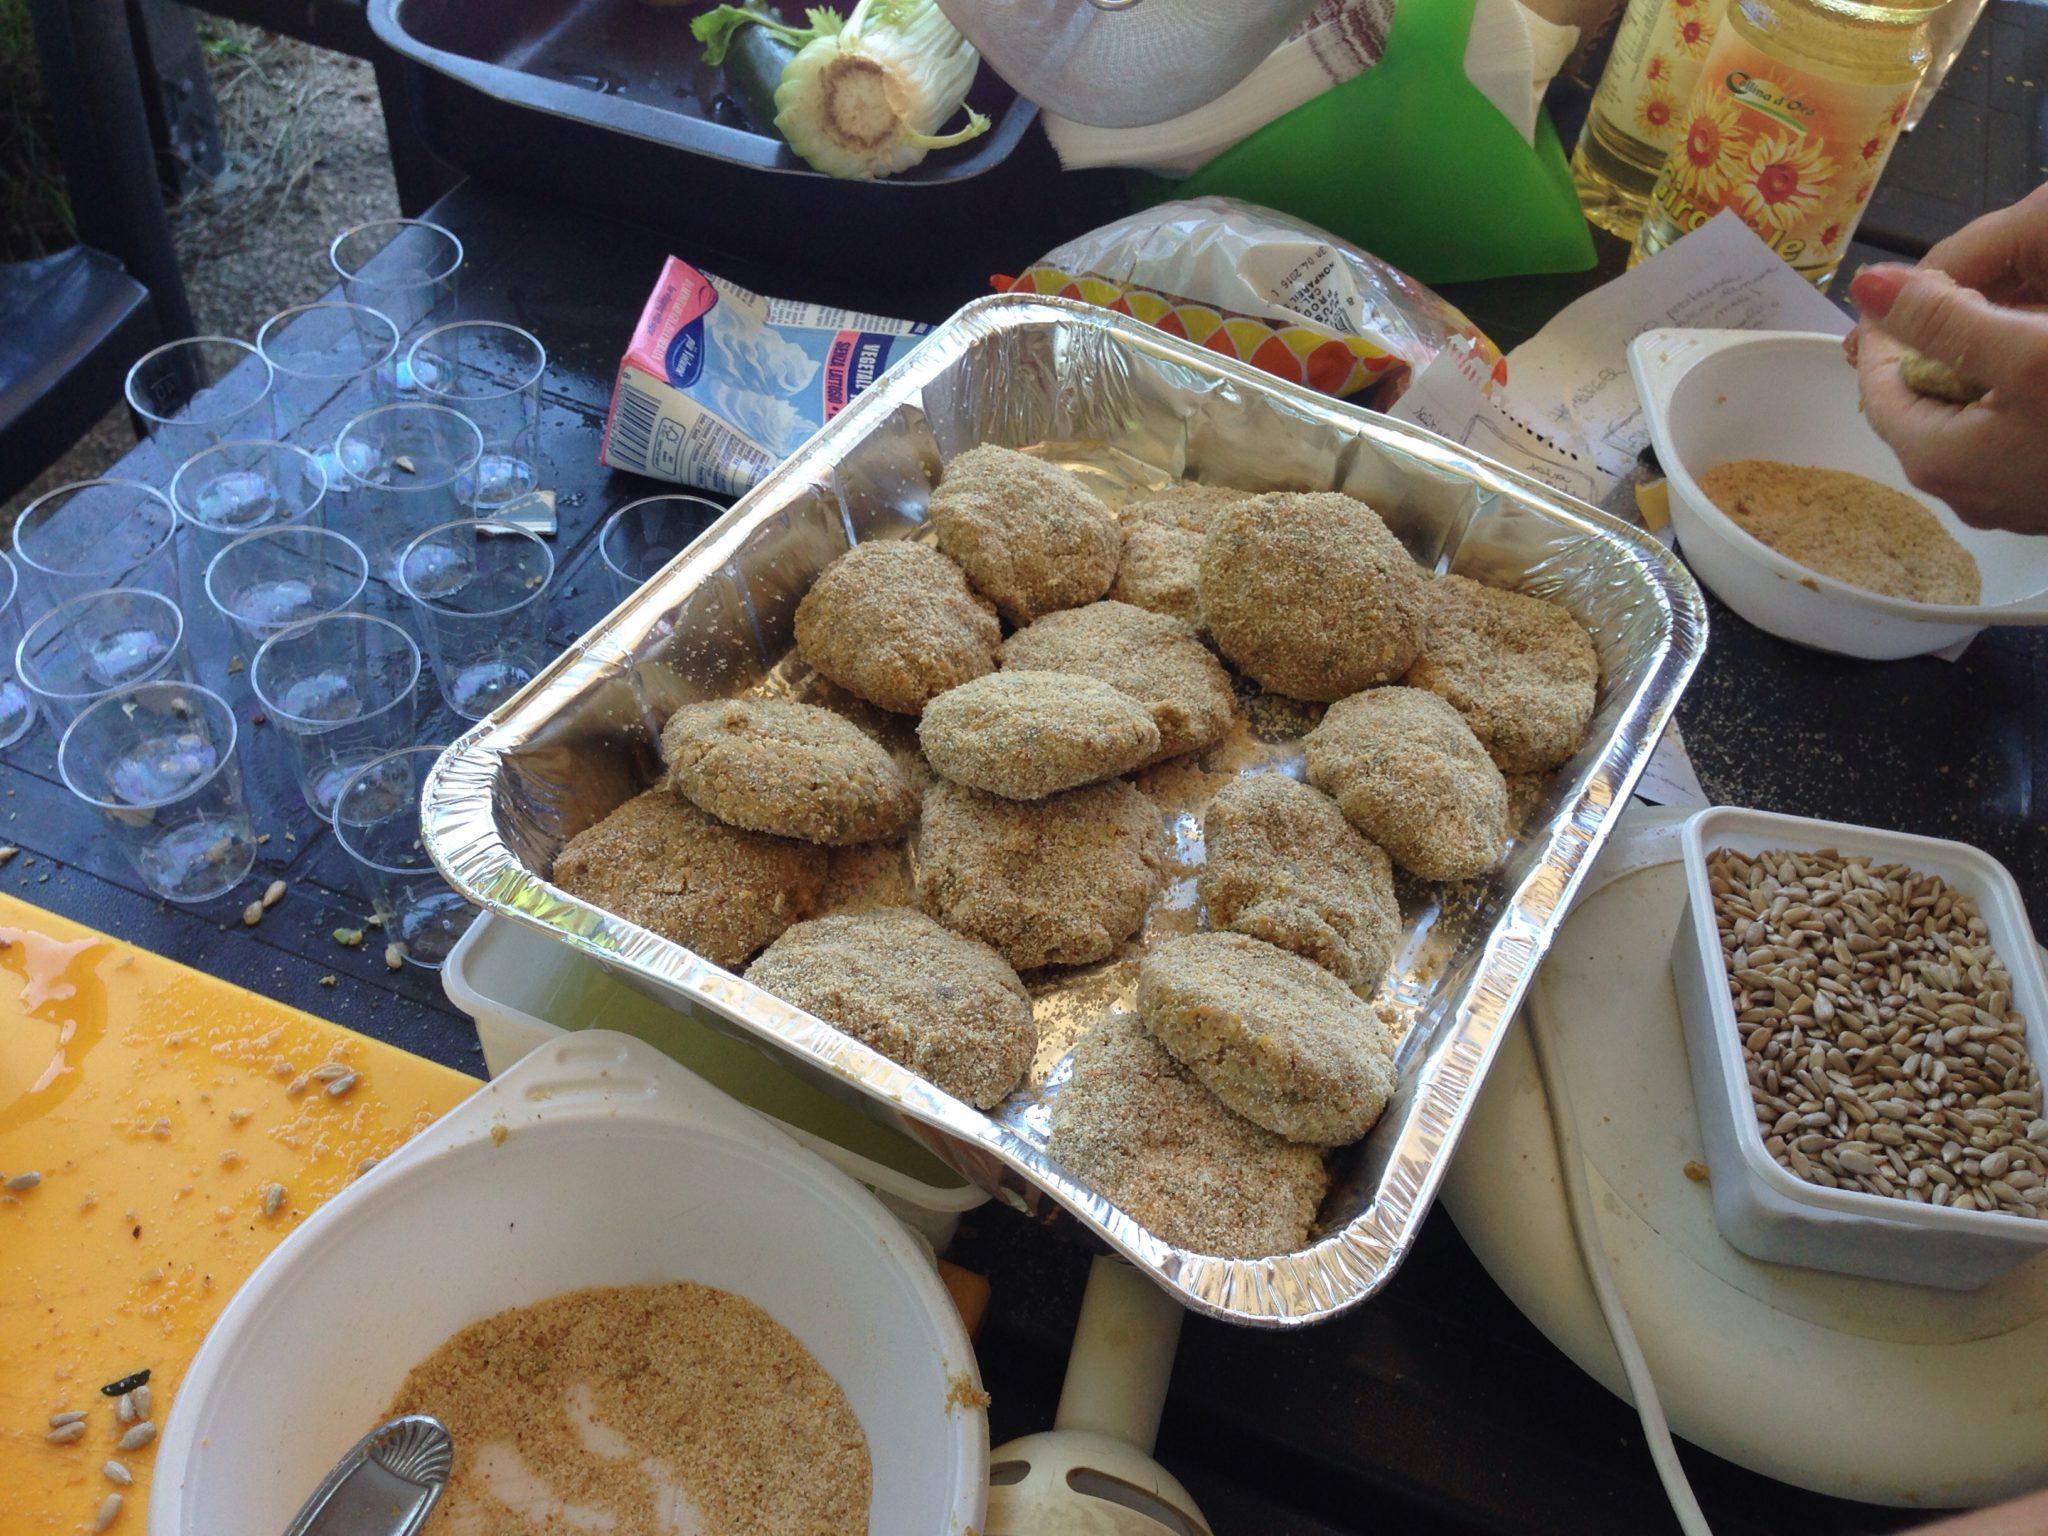 Burgher di piselli con noci e avena cucinare sano e gustoso - Cucinare sano e gustoso ...